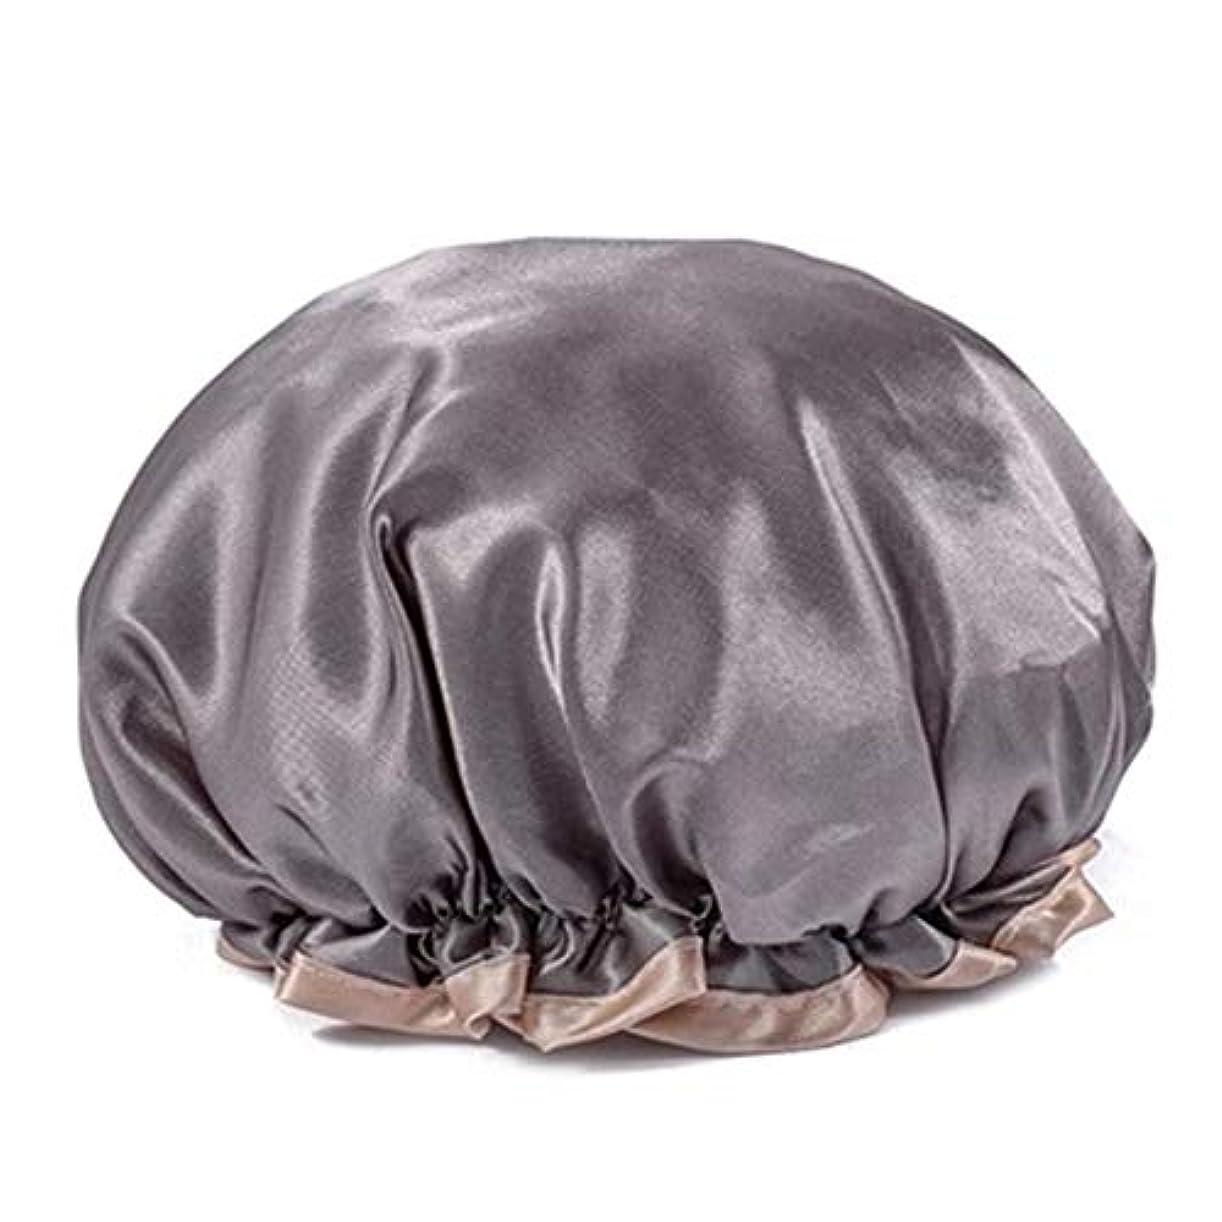 専ら突破口近くシャワーキャップ 可愛い ヘアキャップ フリーサイズ 防水帽 入浴チャップ 浴用帽子 サロンの髪を保護する帽子 お風呂 旅行セット 繰り返す使用可能 化粧帽 油煙を防ぐ ヘアーターバン (グレー)